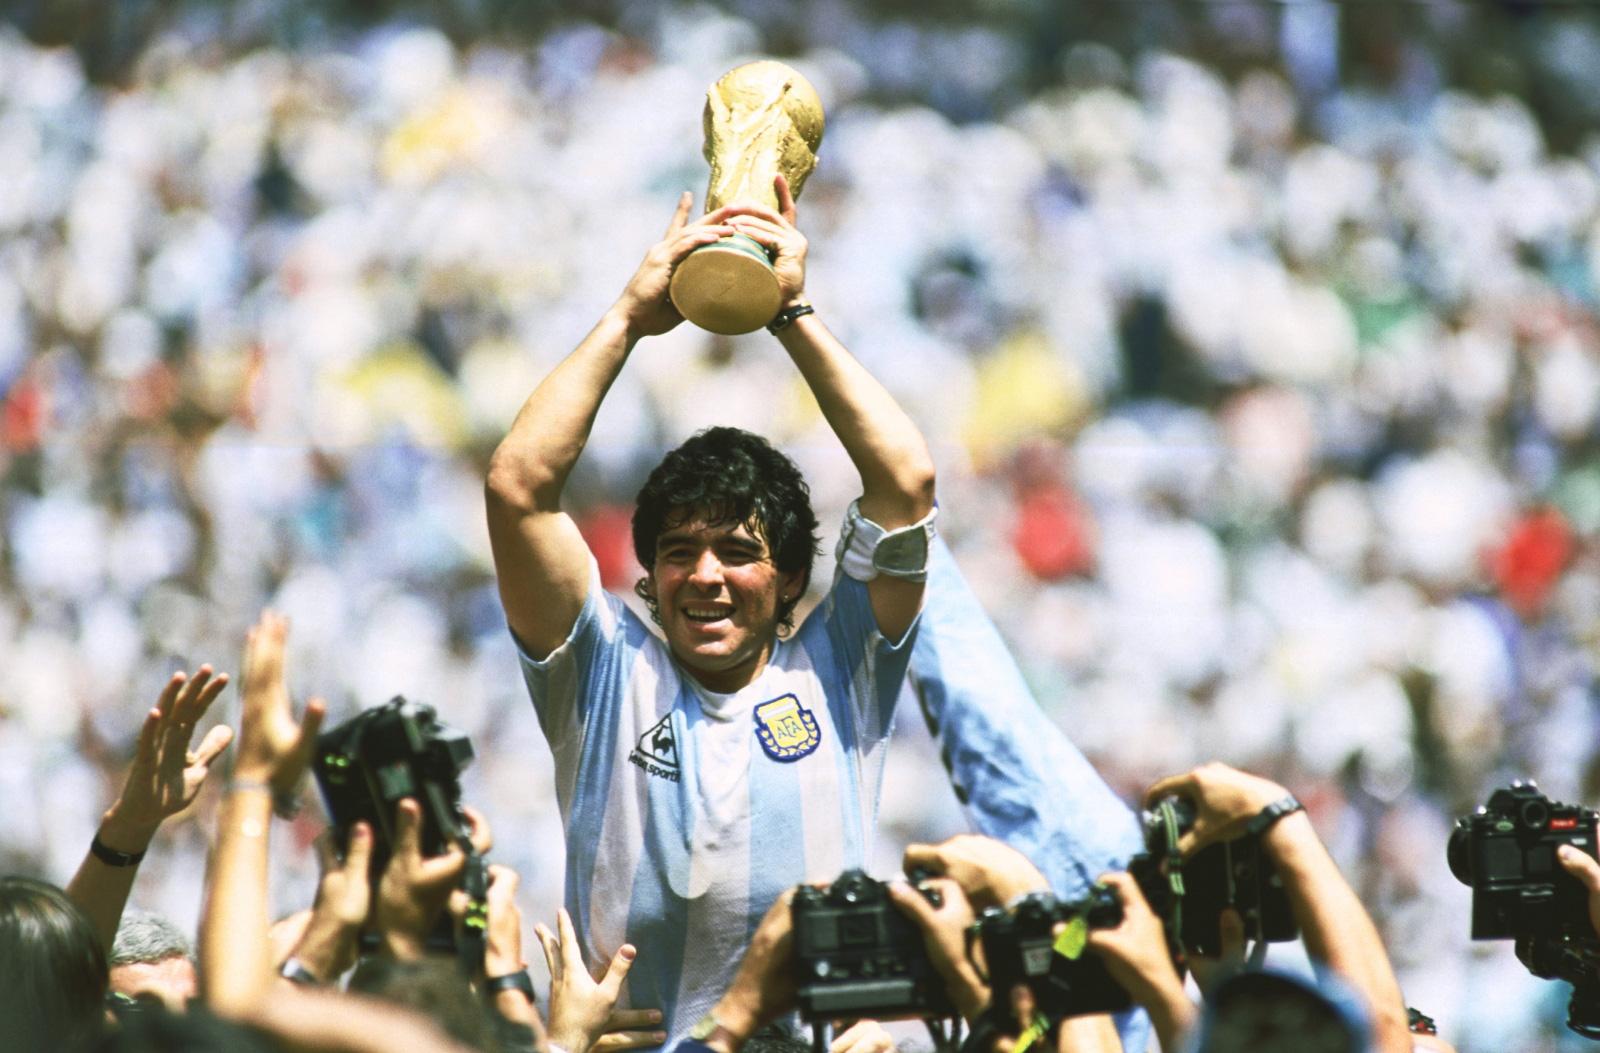 Diego Maradona đã nói gì vào thời khắc cuối của cuộc đời? - Ảnh 2.